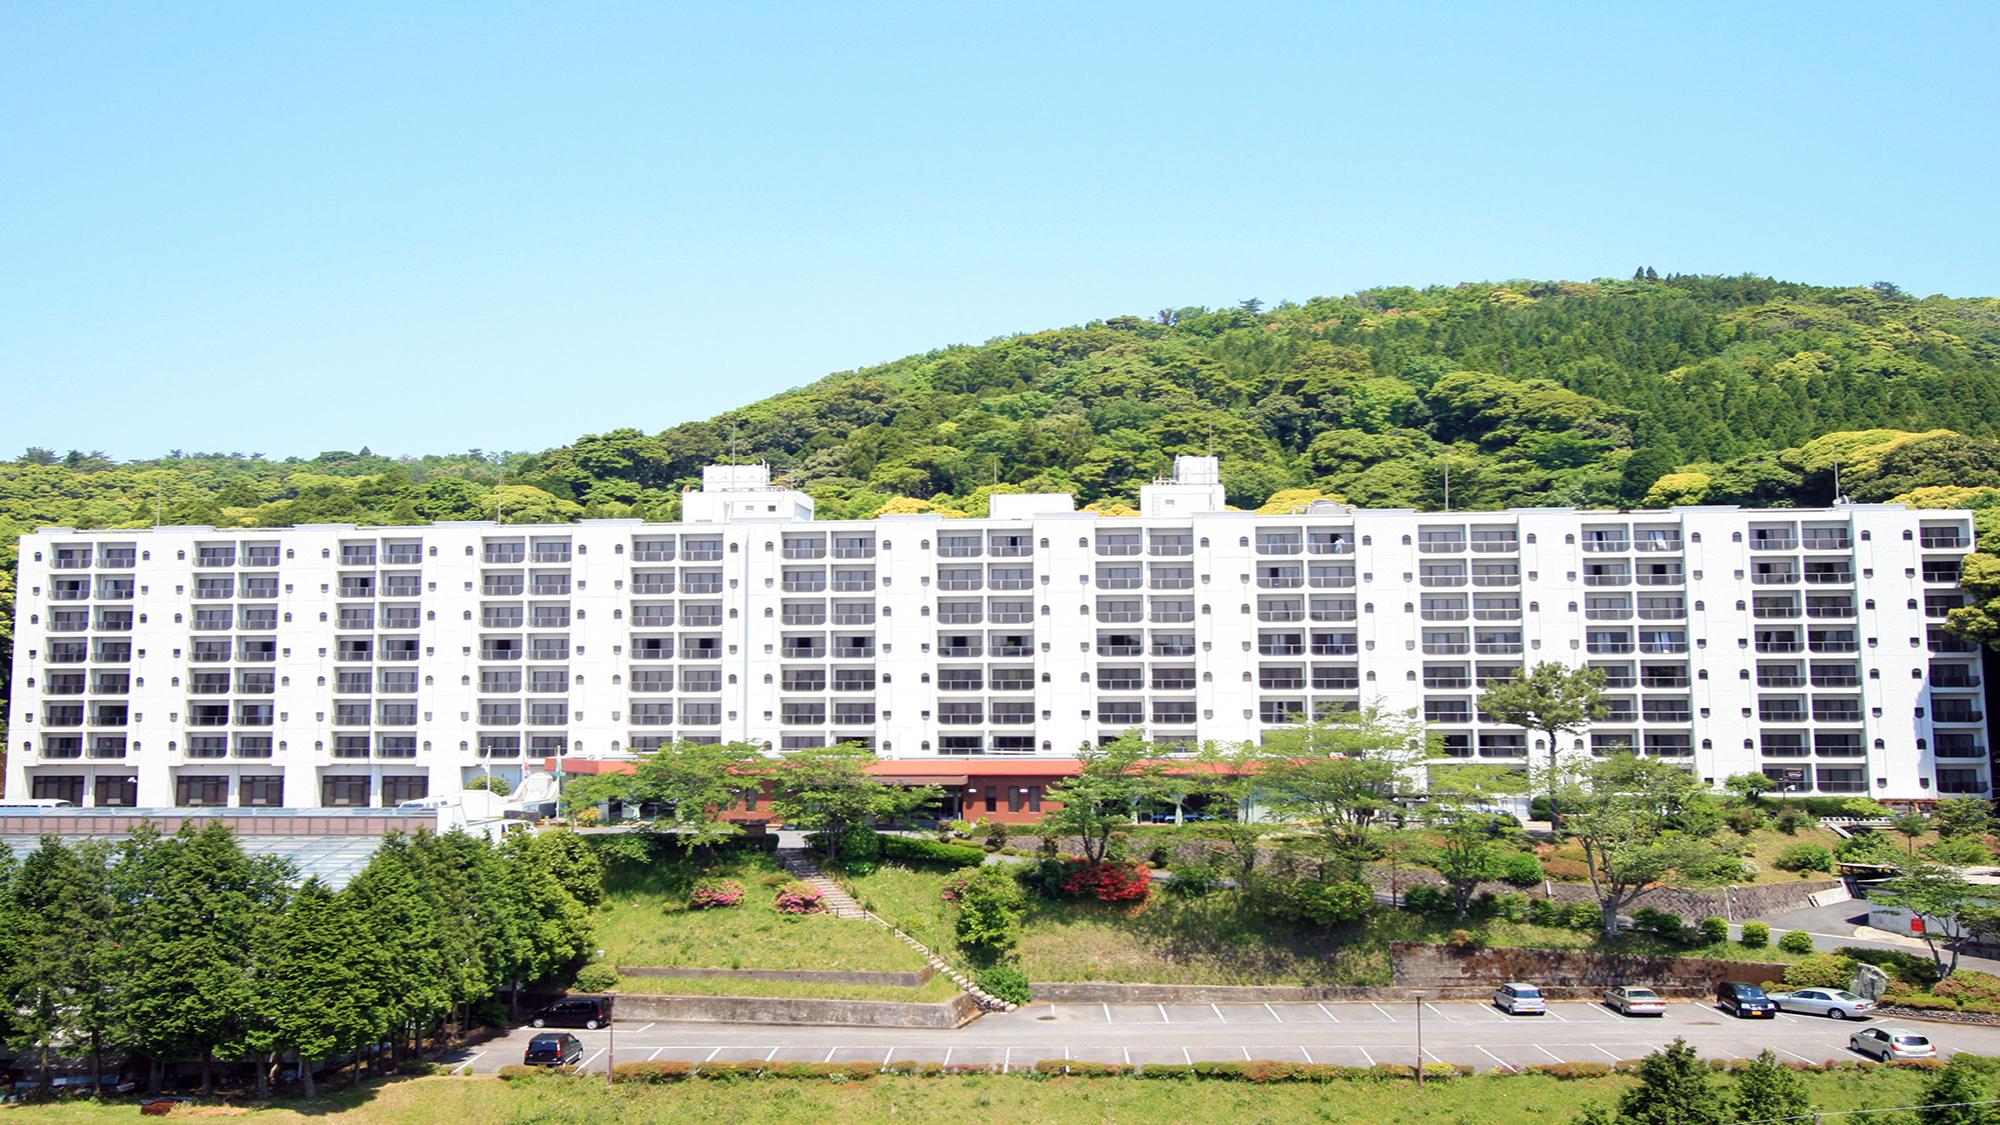 ビュッフェスタイルの食事が楽しめて、駐車場が完備されている霧島温泉のホテルを教えてください。